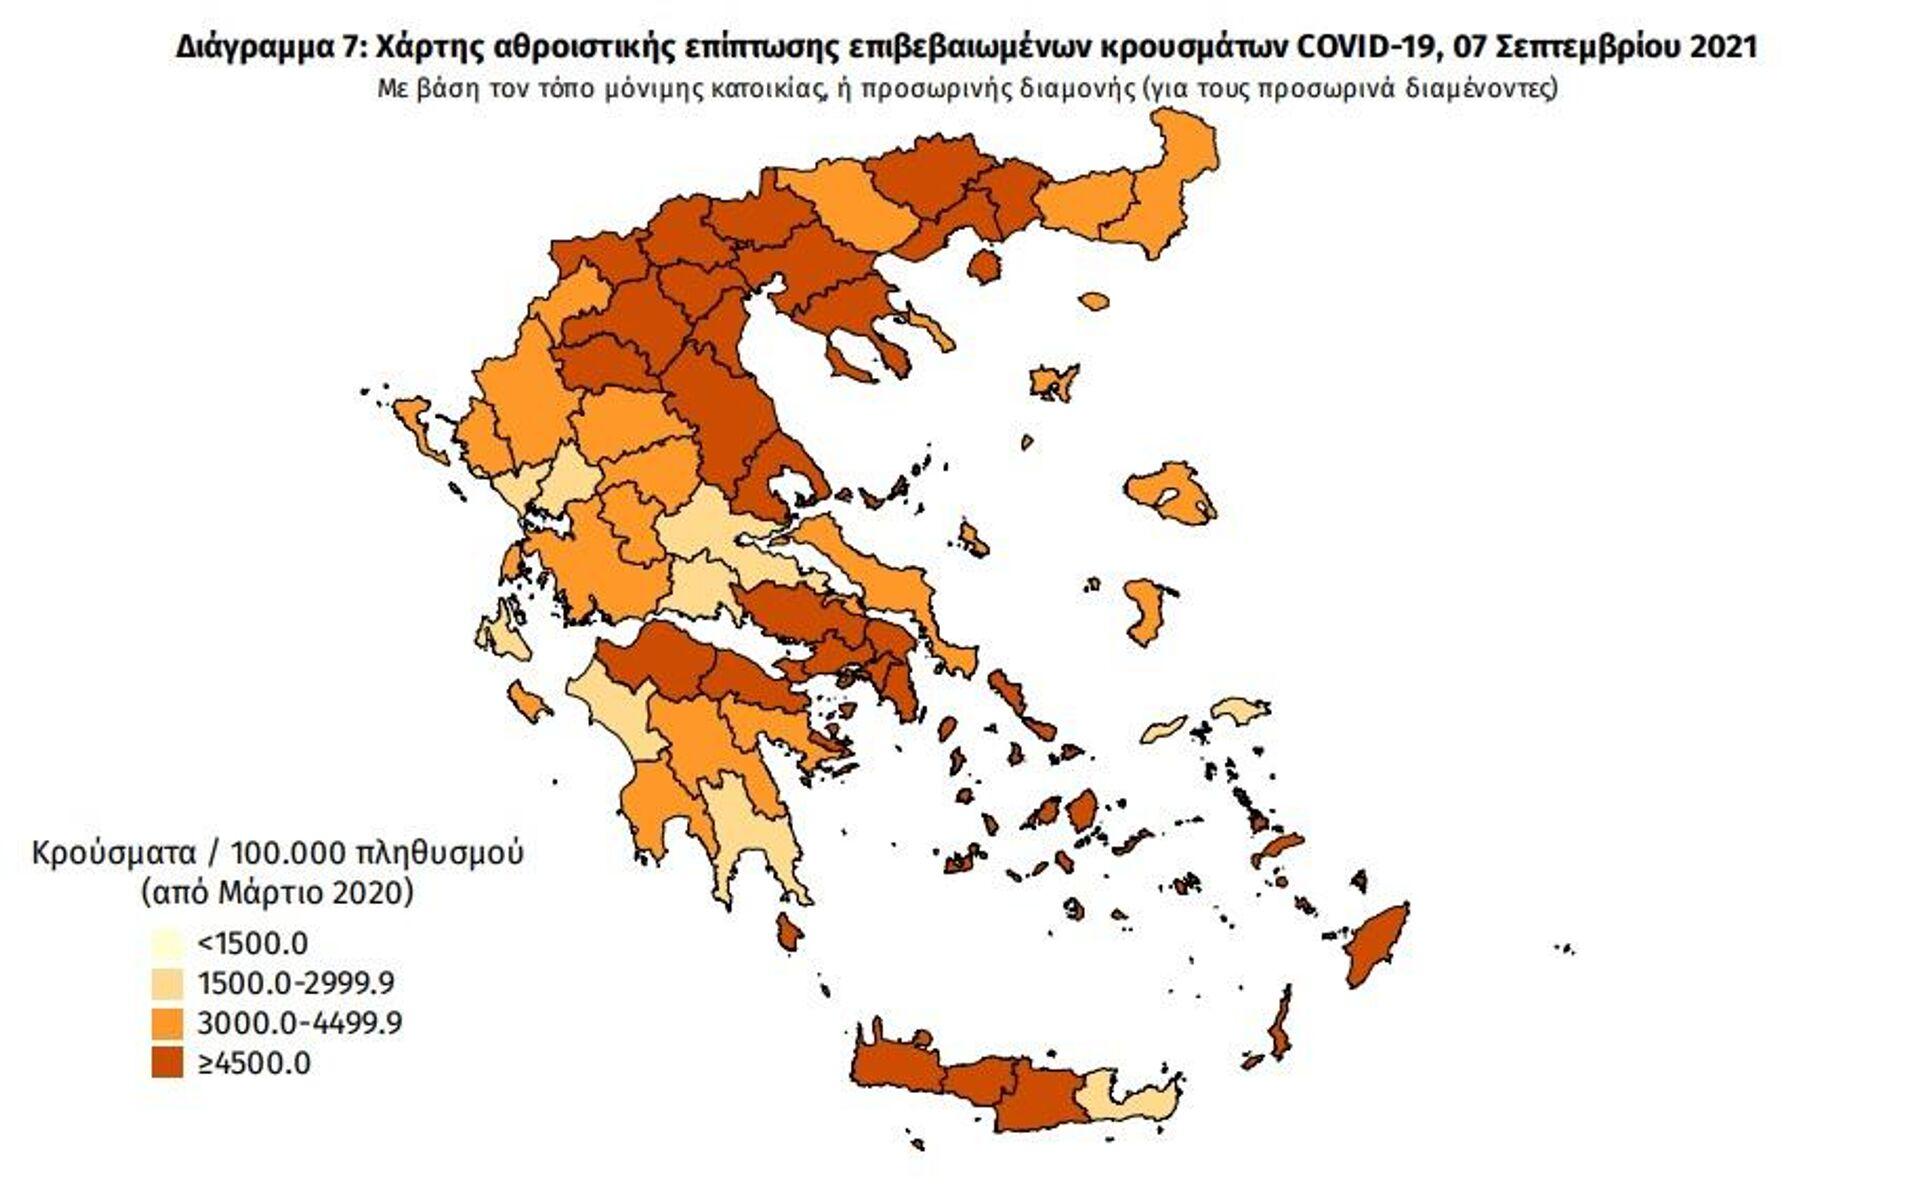 Χάρτης κρουσμάτων - Sputnik Ελλάδα, 1920, 07.09.2021